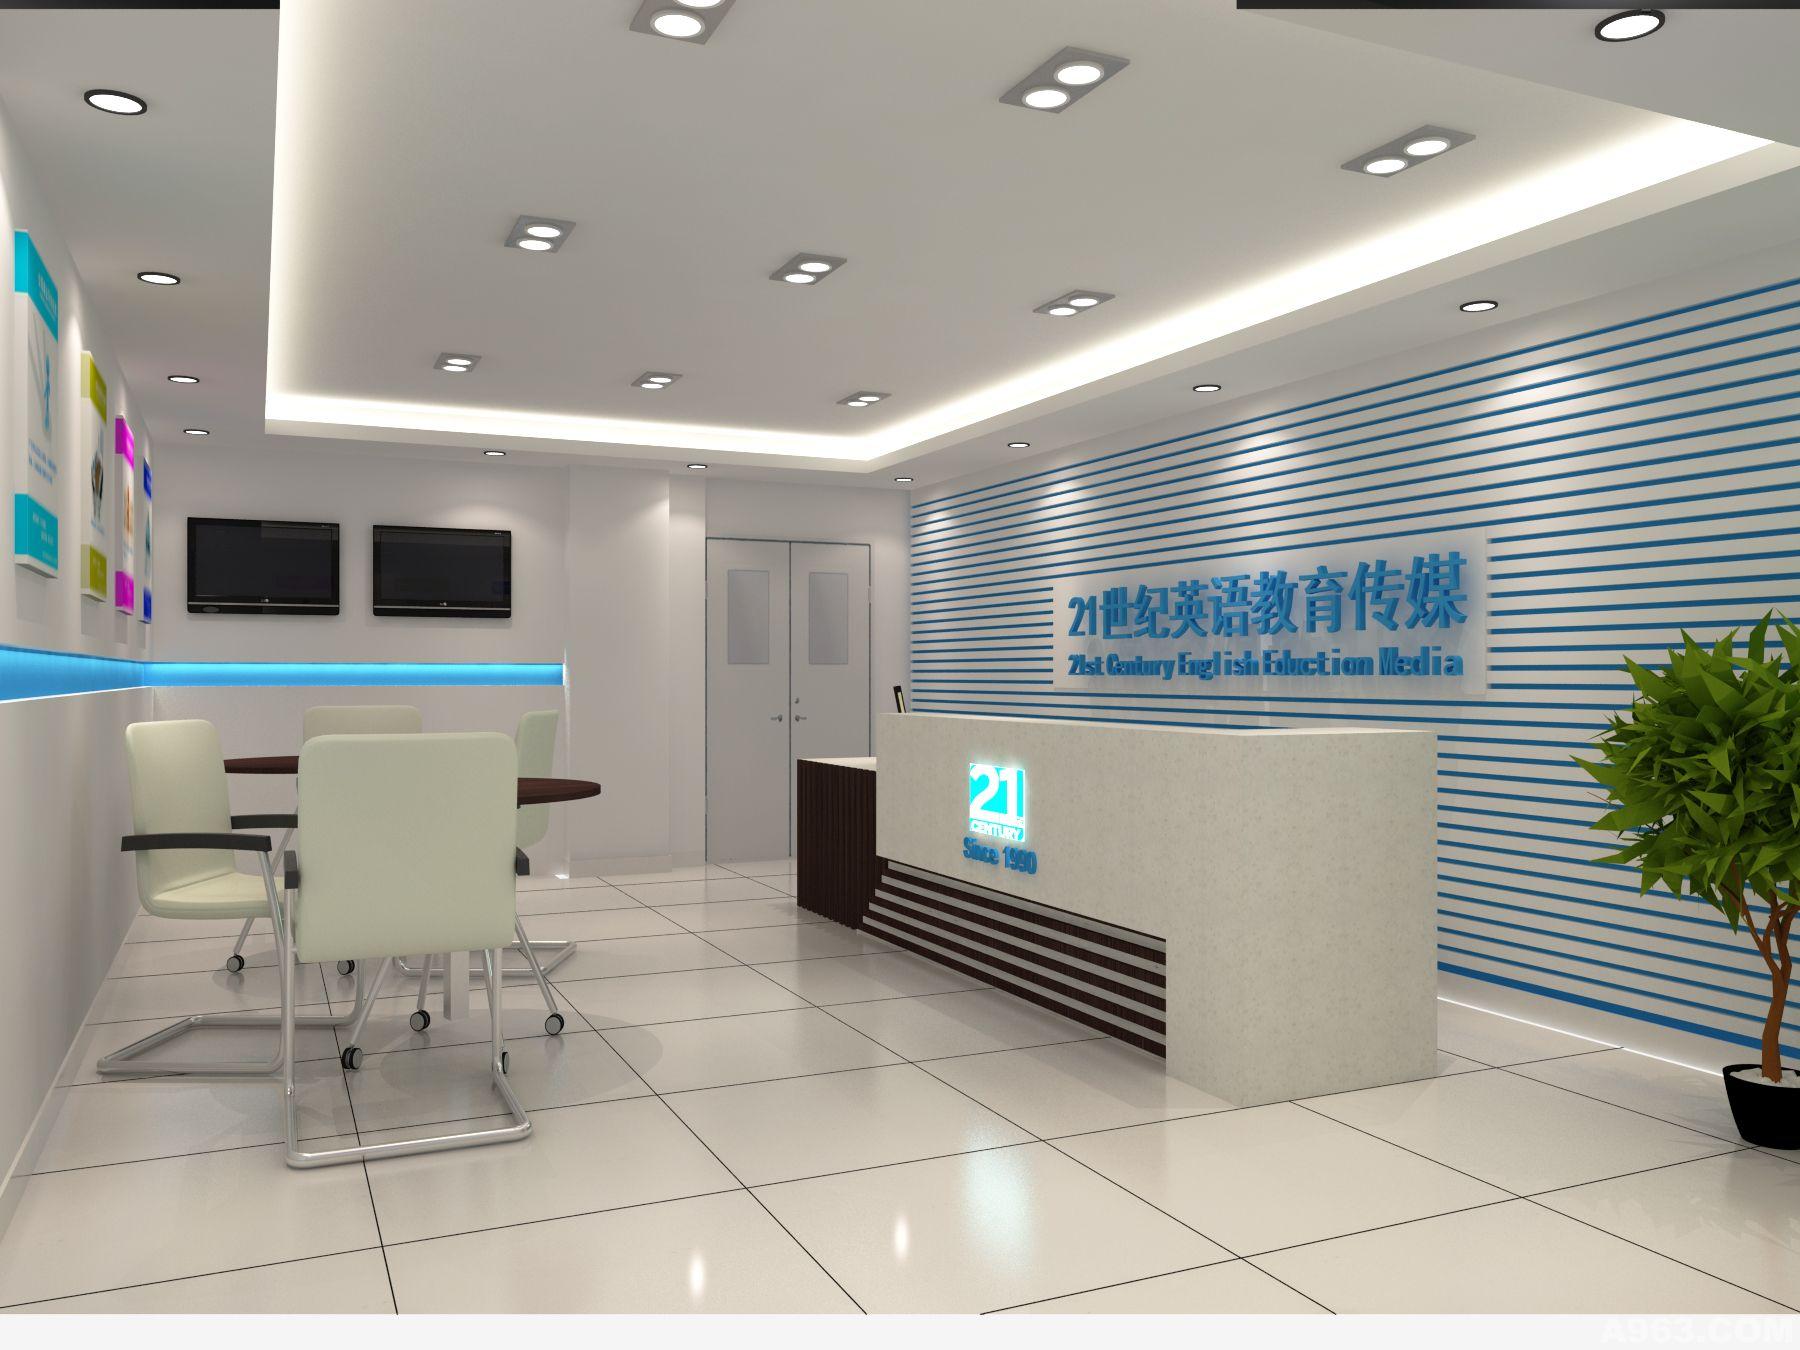 中华室内设计网 作品中心 公共空间 办公空间 > 陈伟作品